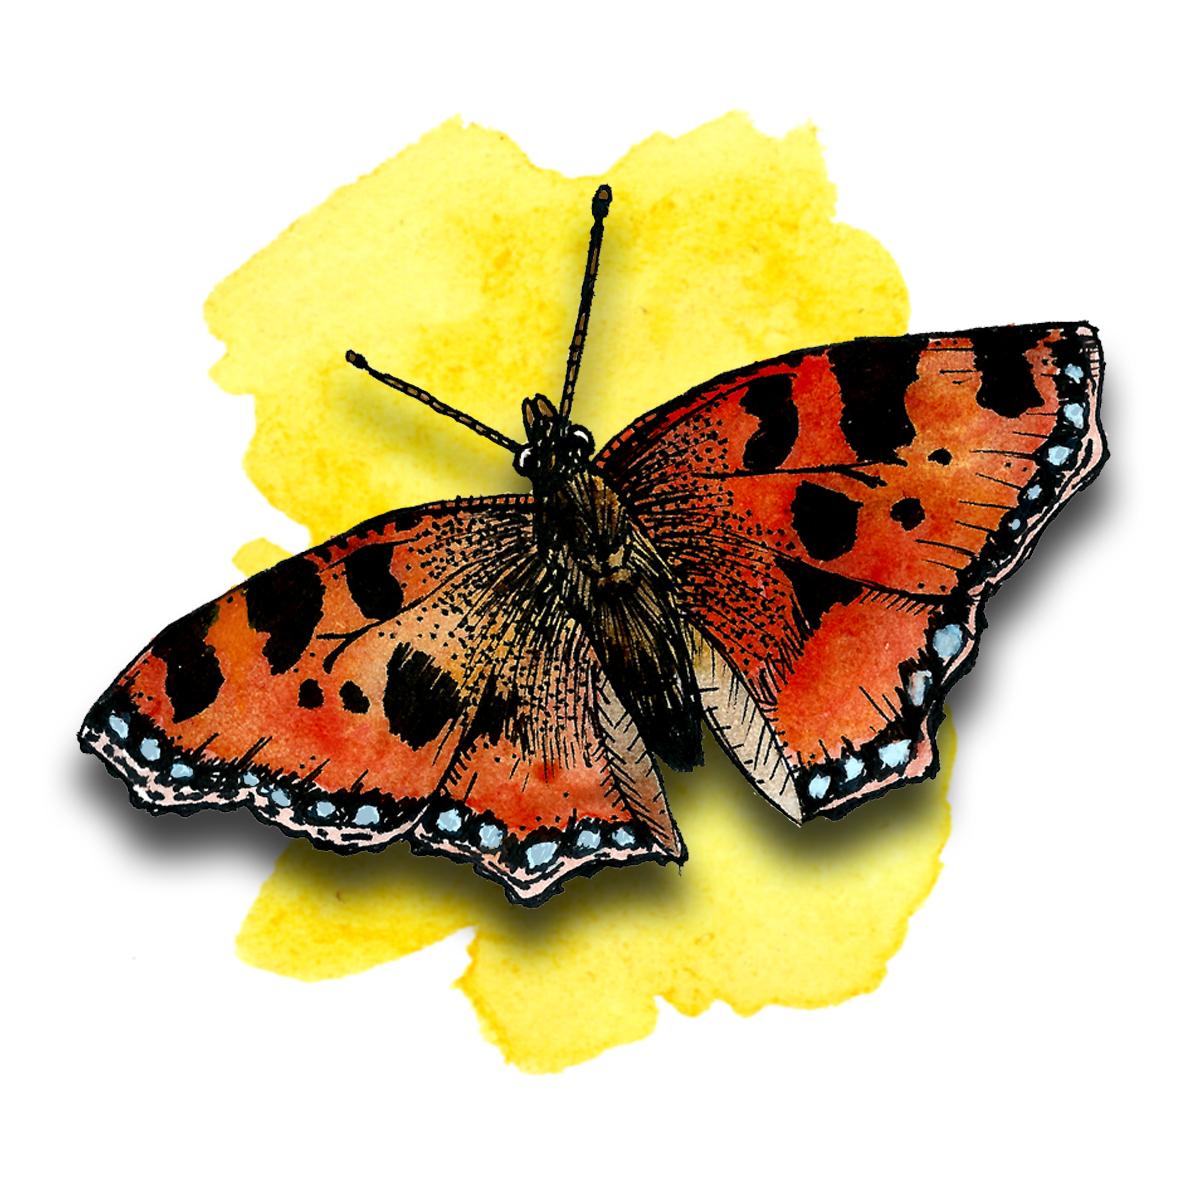 3. Butterfly